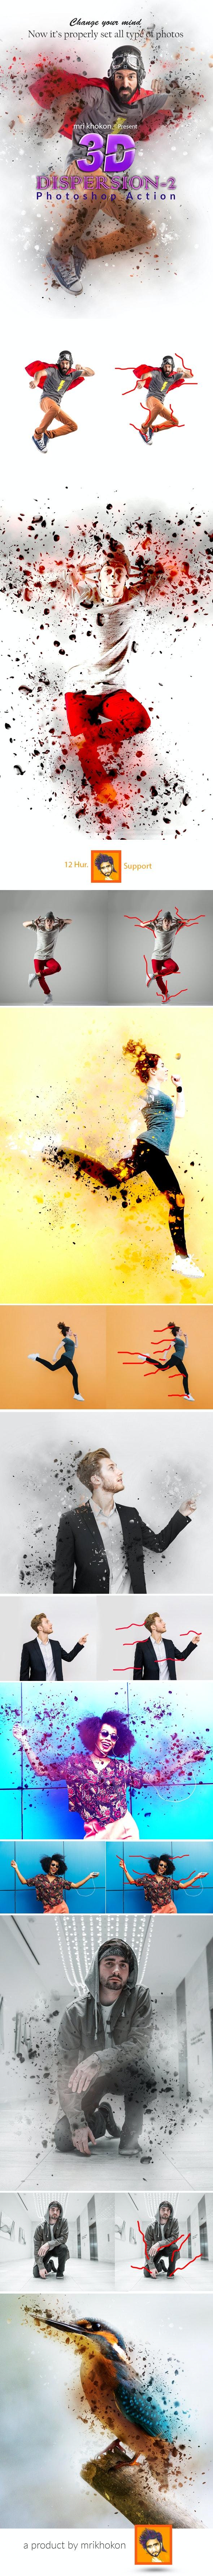 3D Dispersion Photoshop Action 2 - Actions Photoshop